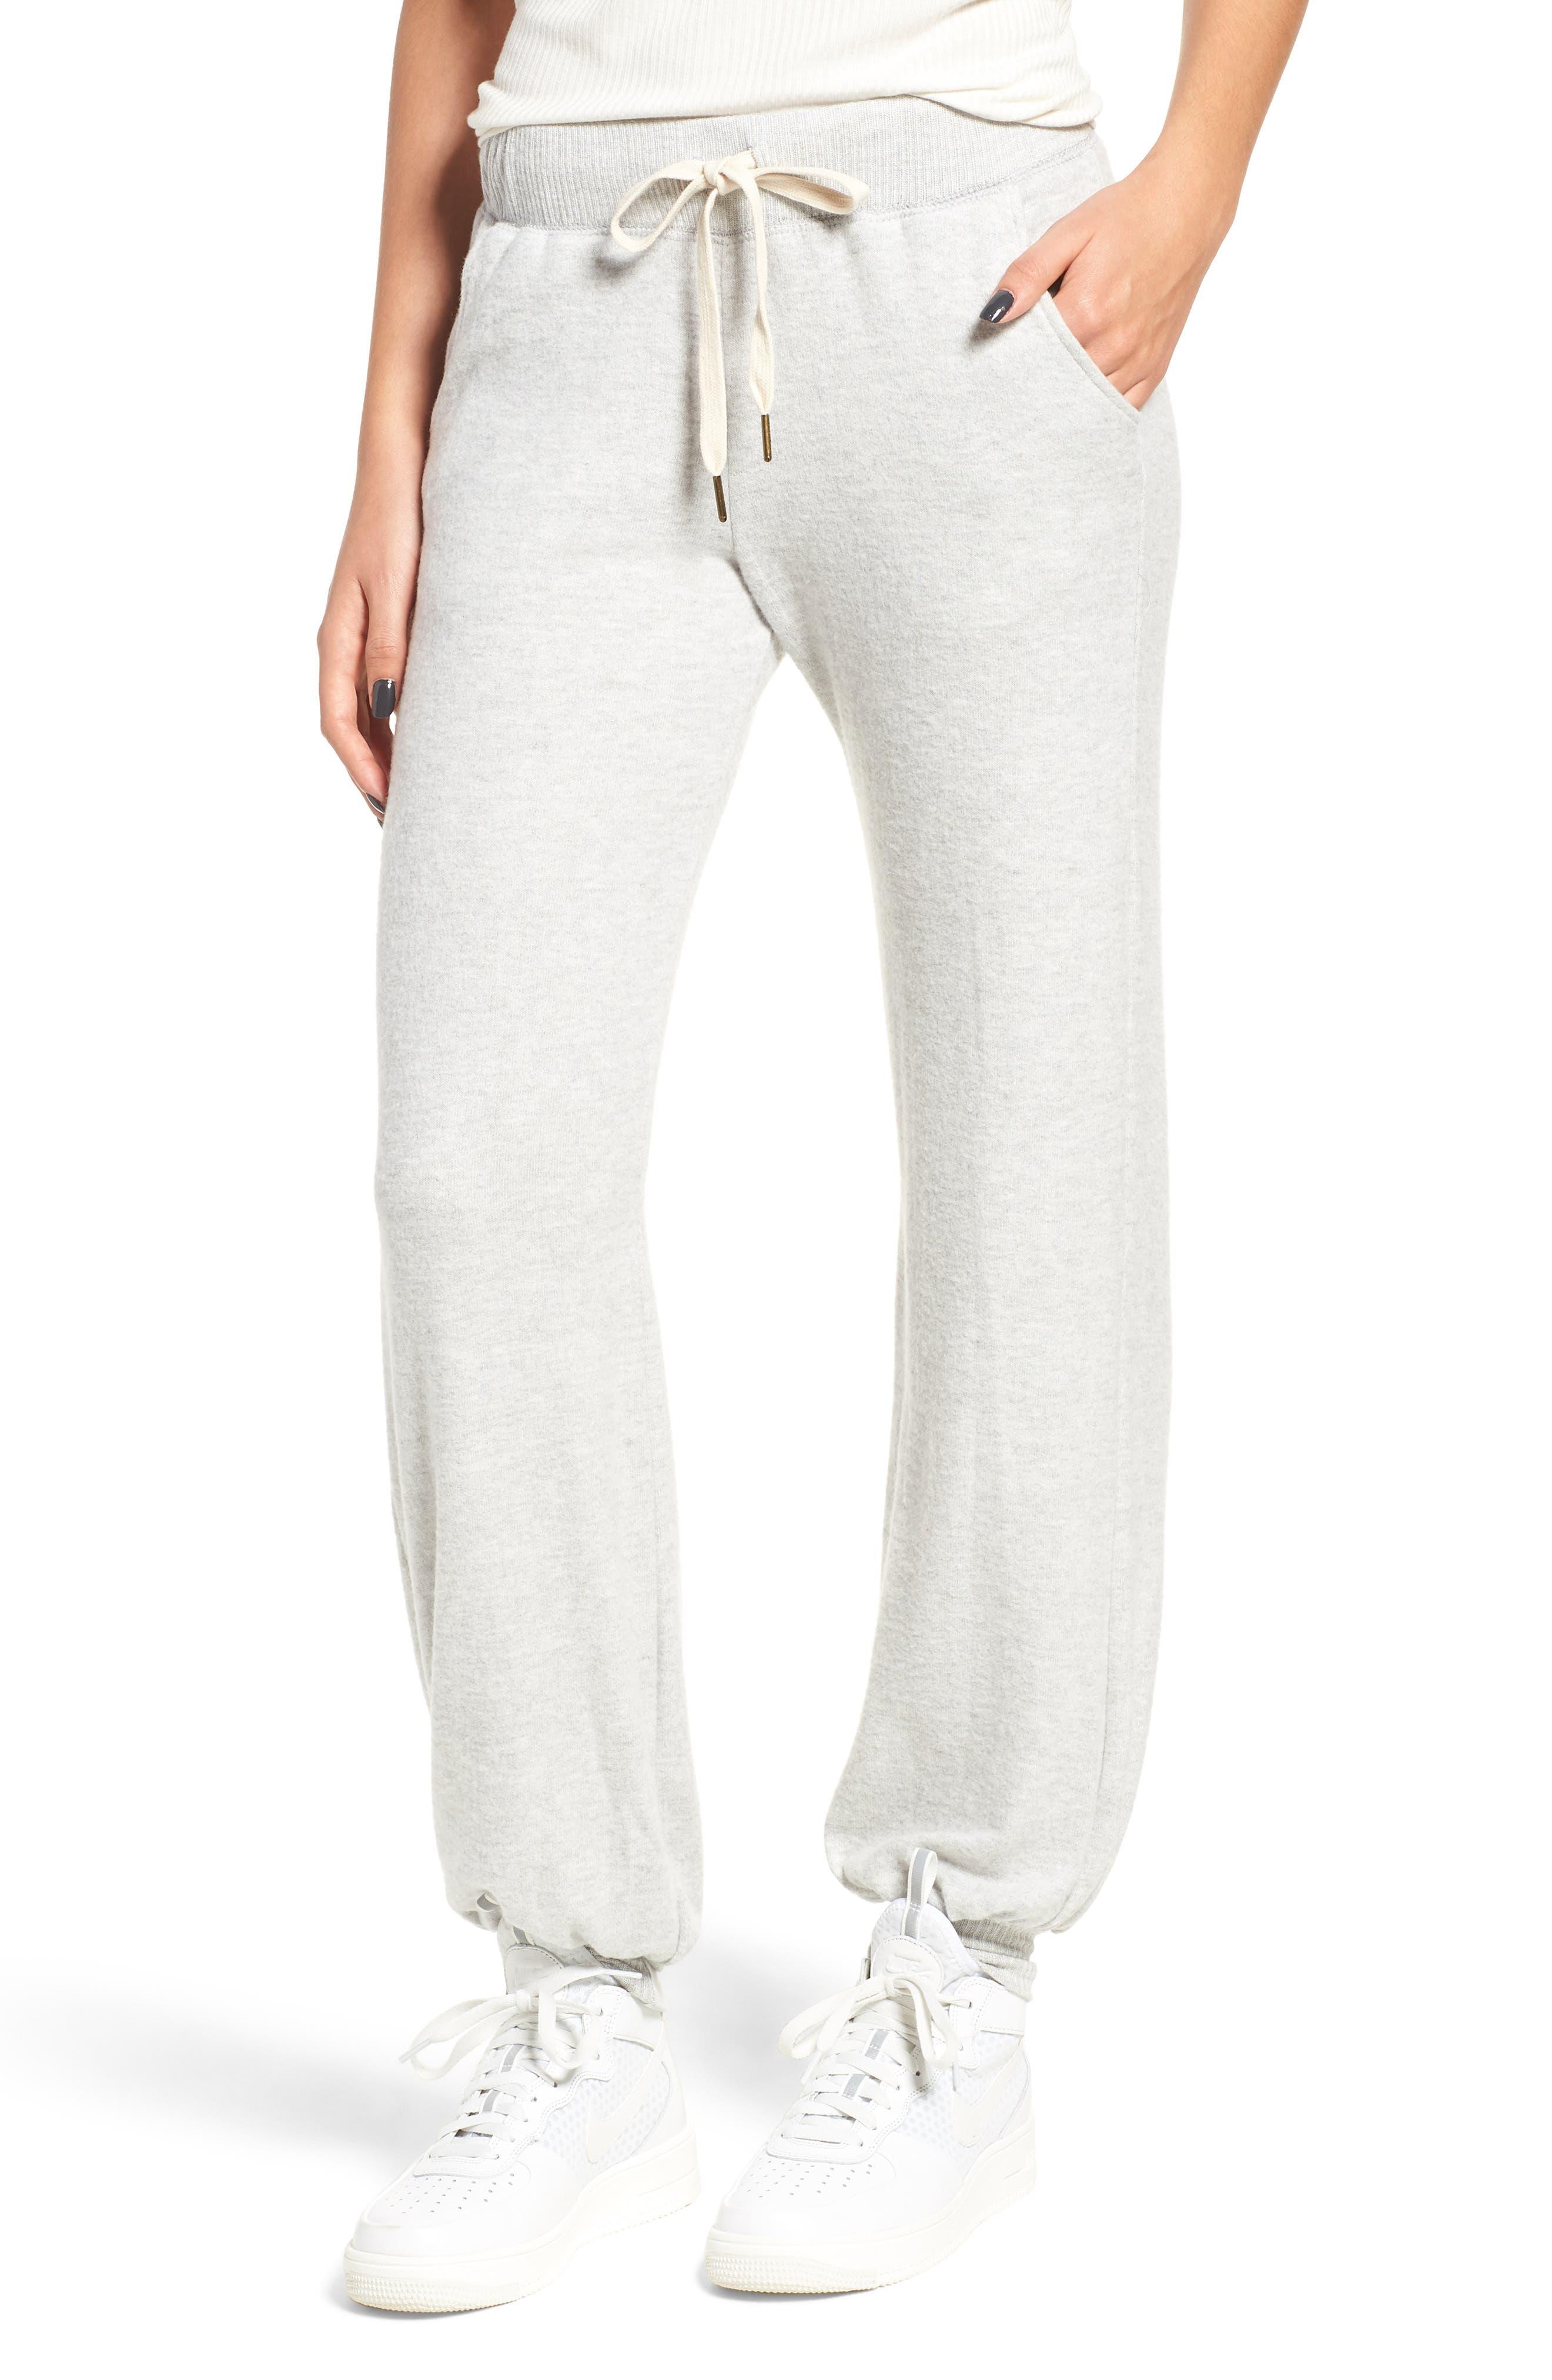 Etty Sweatpants,                         Main,                         color, 020